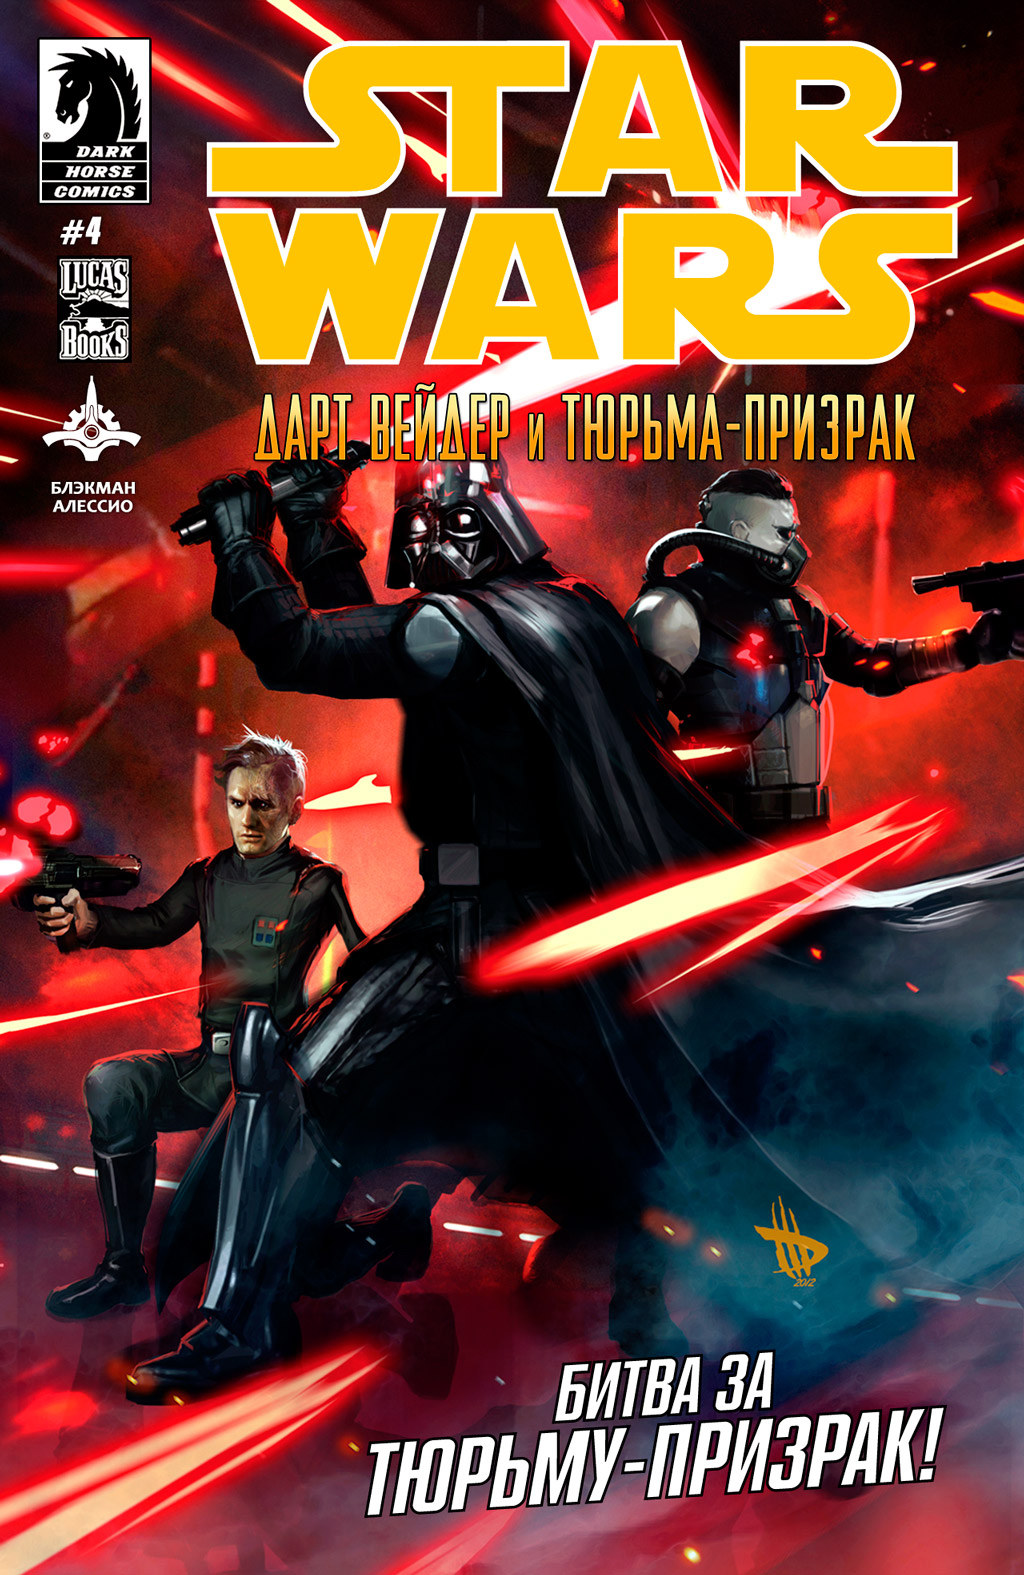 Комикс Звездные Войны: Дарт Вейдер и тюрьма-призрак